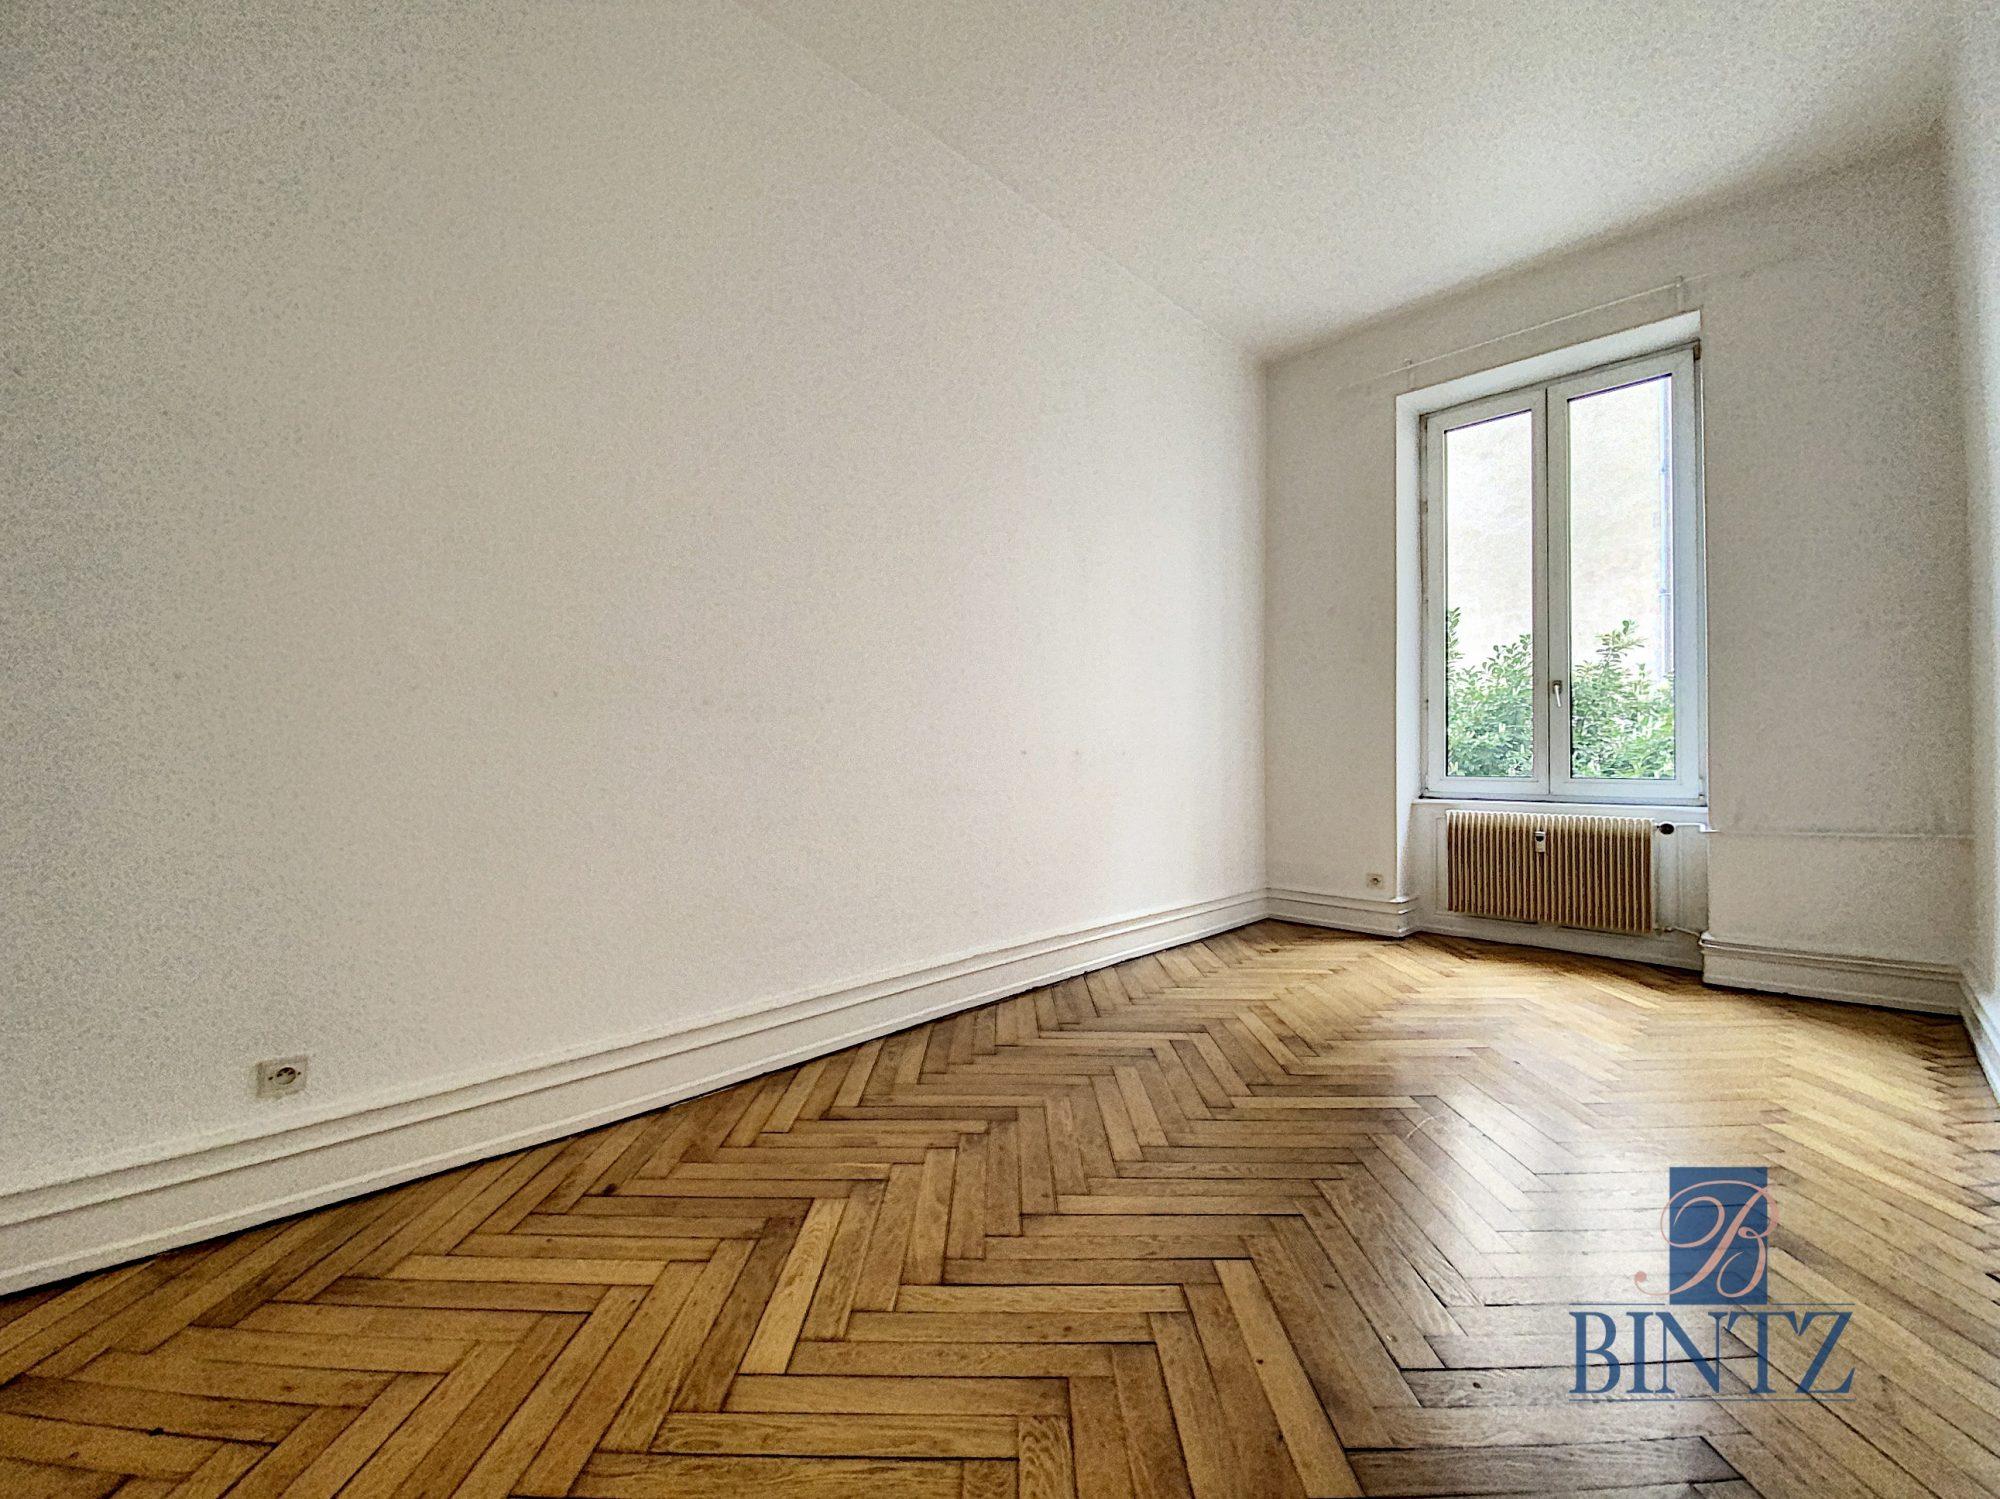 BEAU 4 PIÈCES SECTEUR FORET NOIRE - Devenez locataire en toute sérénité - Bintz Immobilier - 9